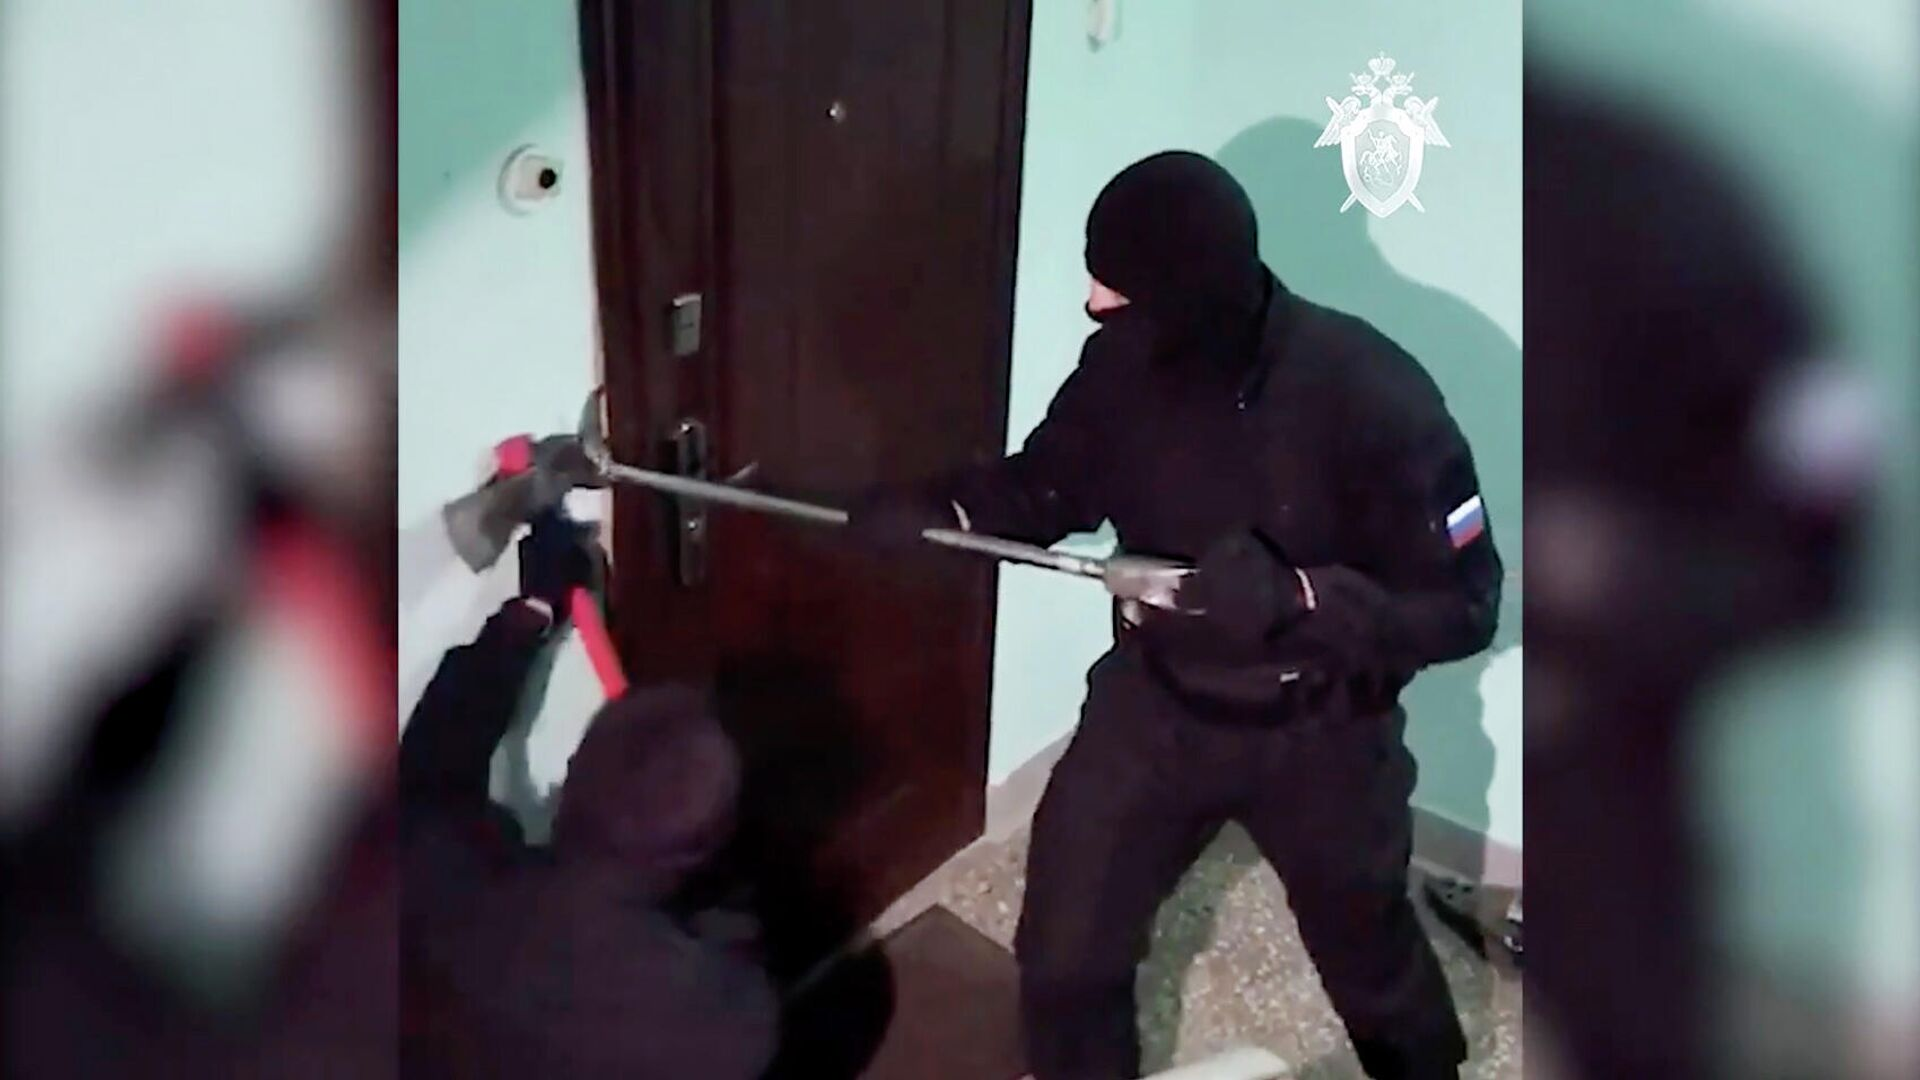 Кадр видео спецоперации по делу Свидетелей Иеговы* - РИА Новости, 1920, 04.03.2021